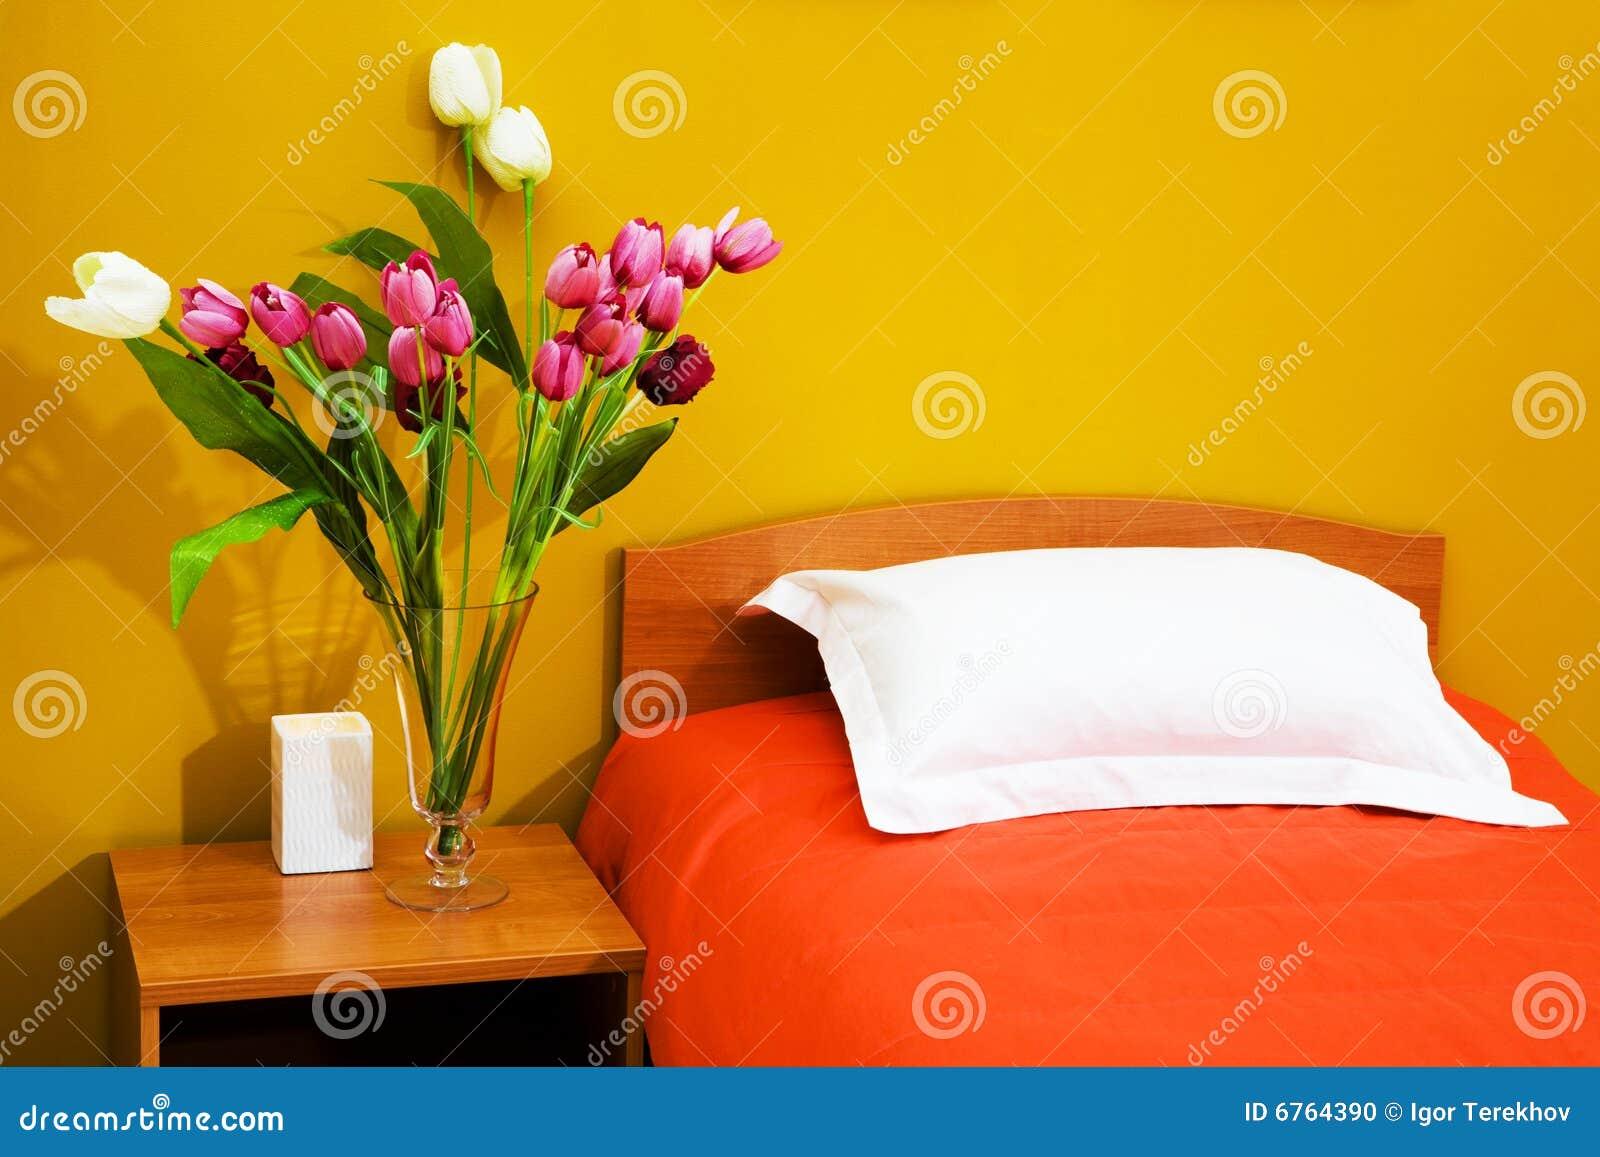 Cama con un coverlet anaranjado